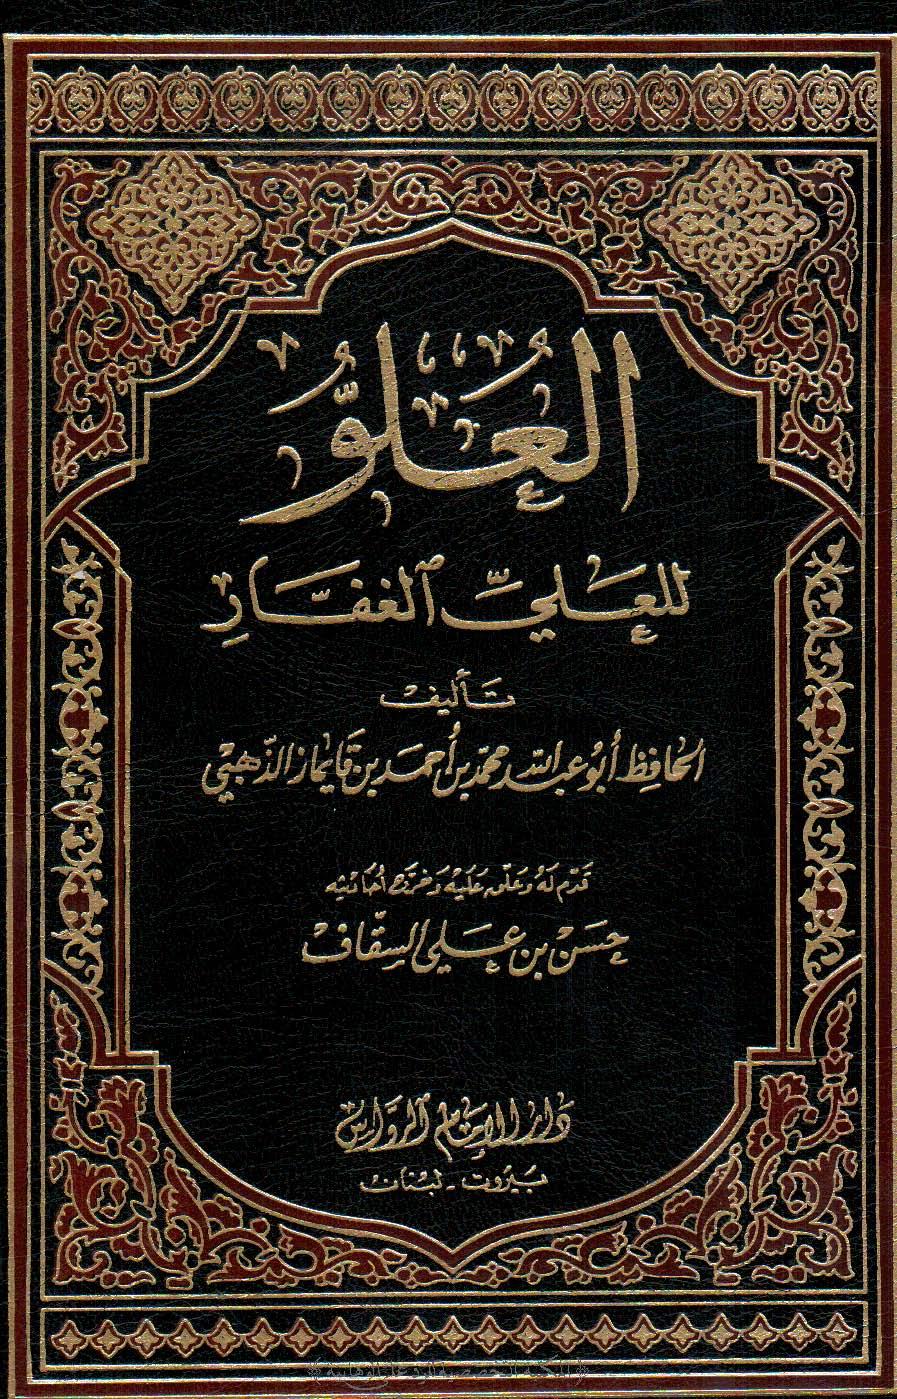 كتاب العلو للإمام الذهبي - تحقيق حسن السقاف pdf